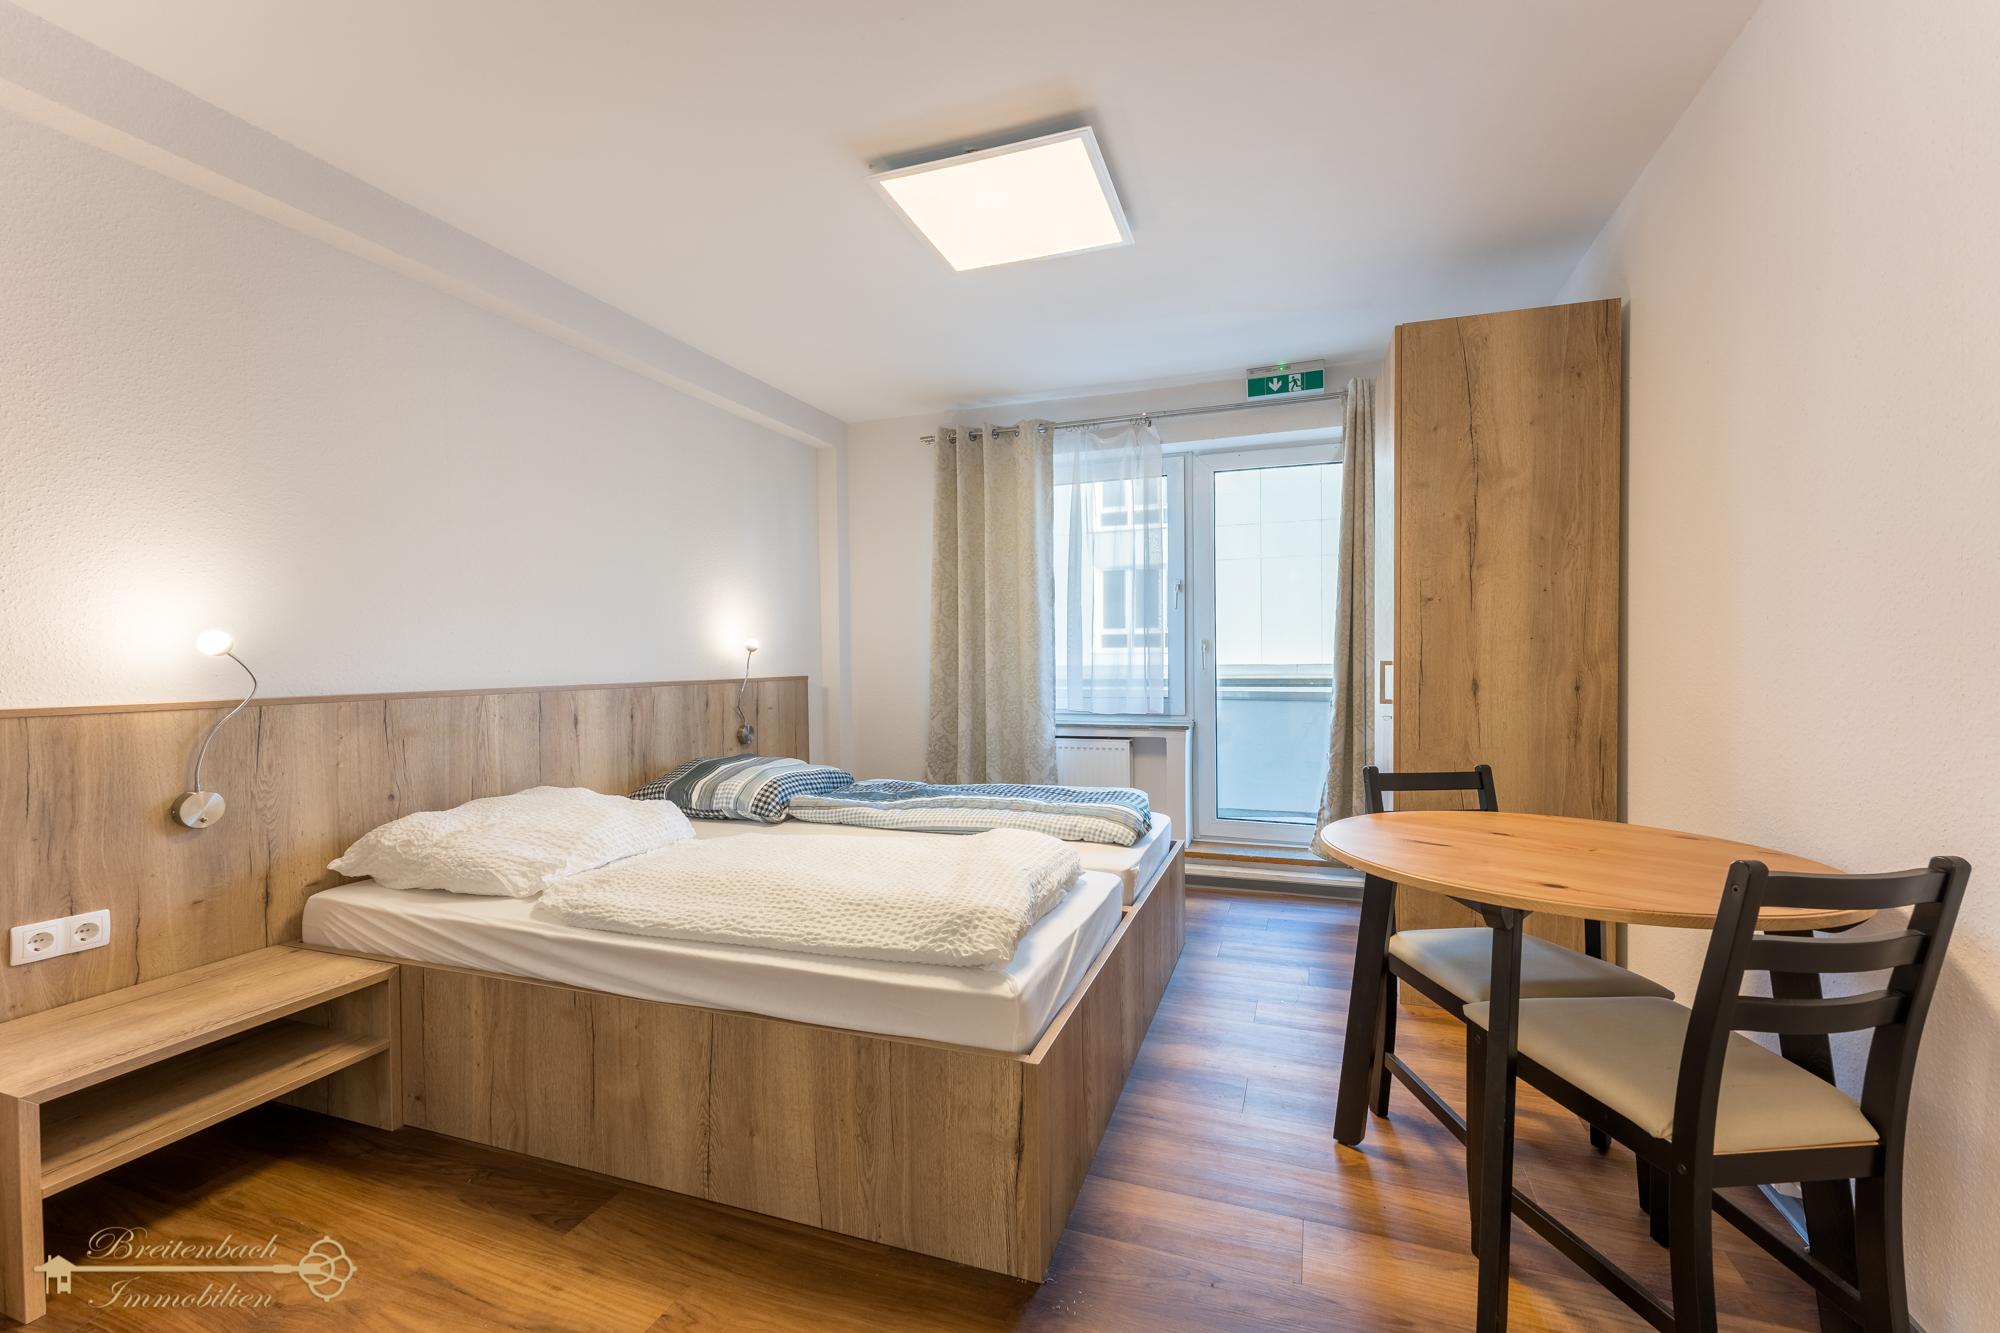 2021-02-14-Breitenbach-Immobilien-Makler-Bremen-7